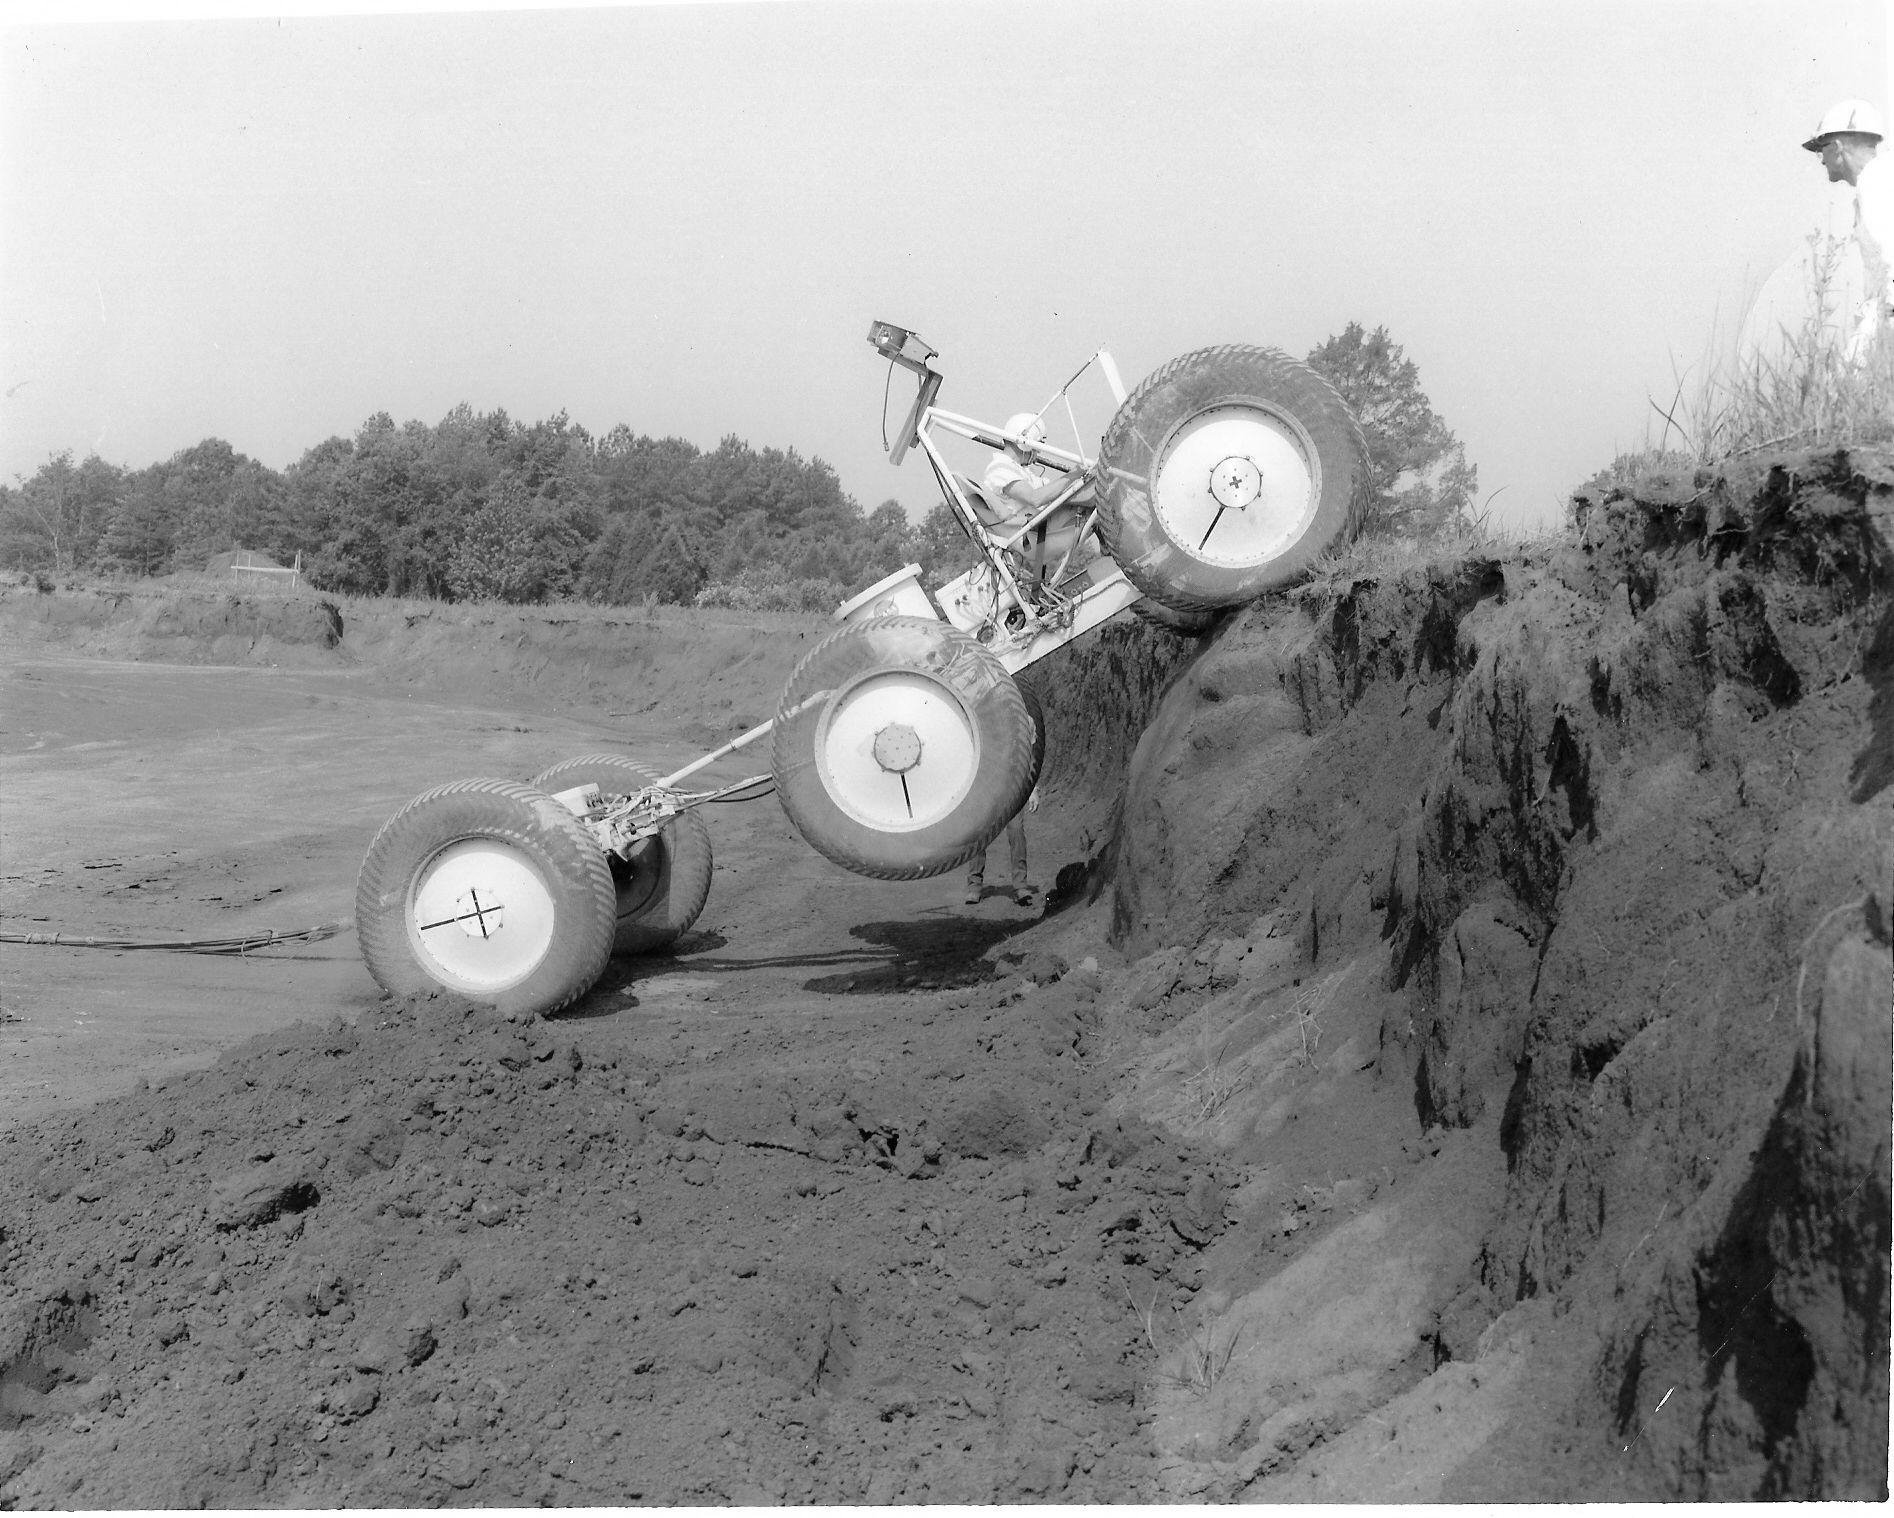 En av GM sine Dual Mode Lunar Rover konsepter under testing i tøft terreng.